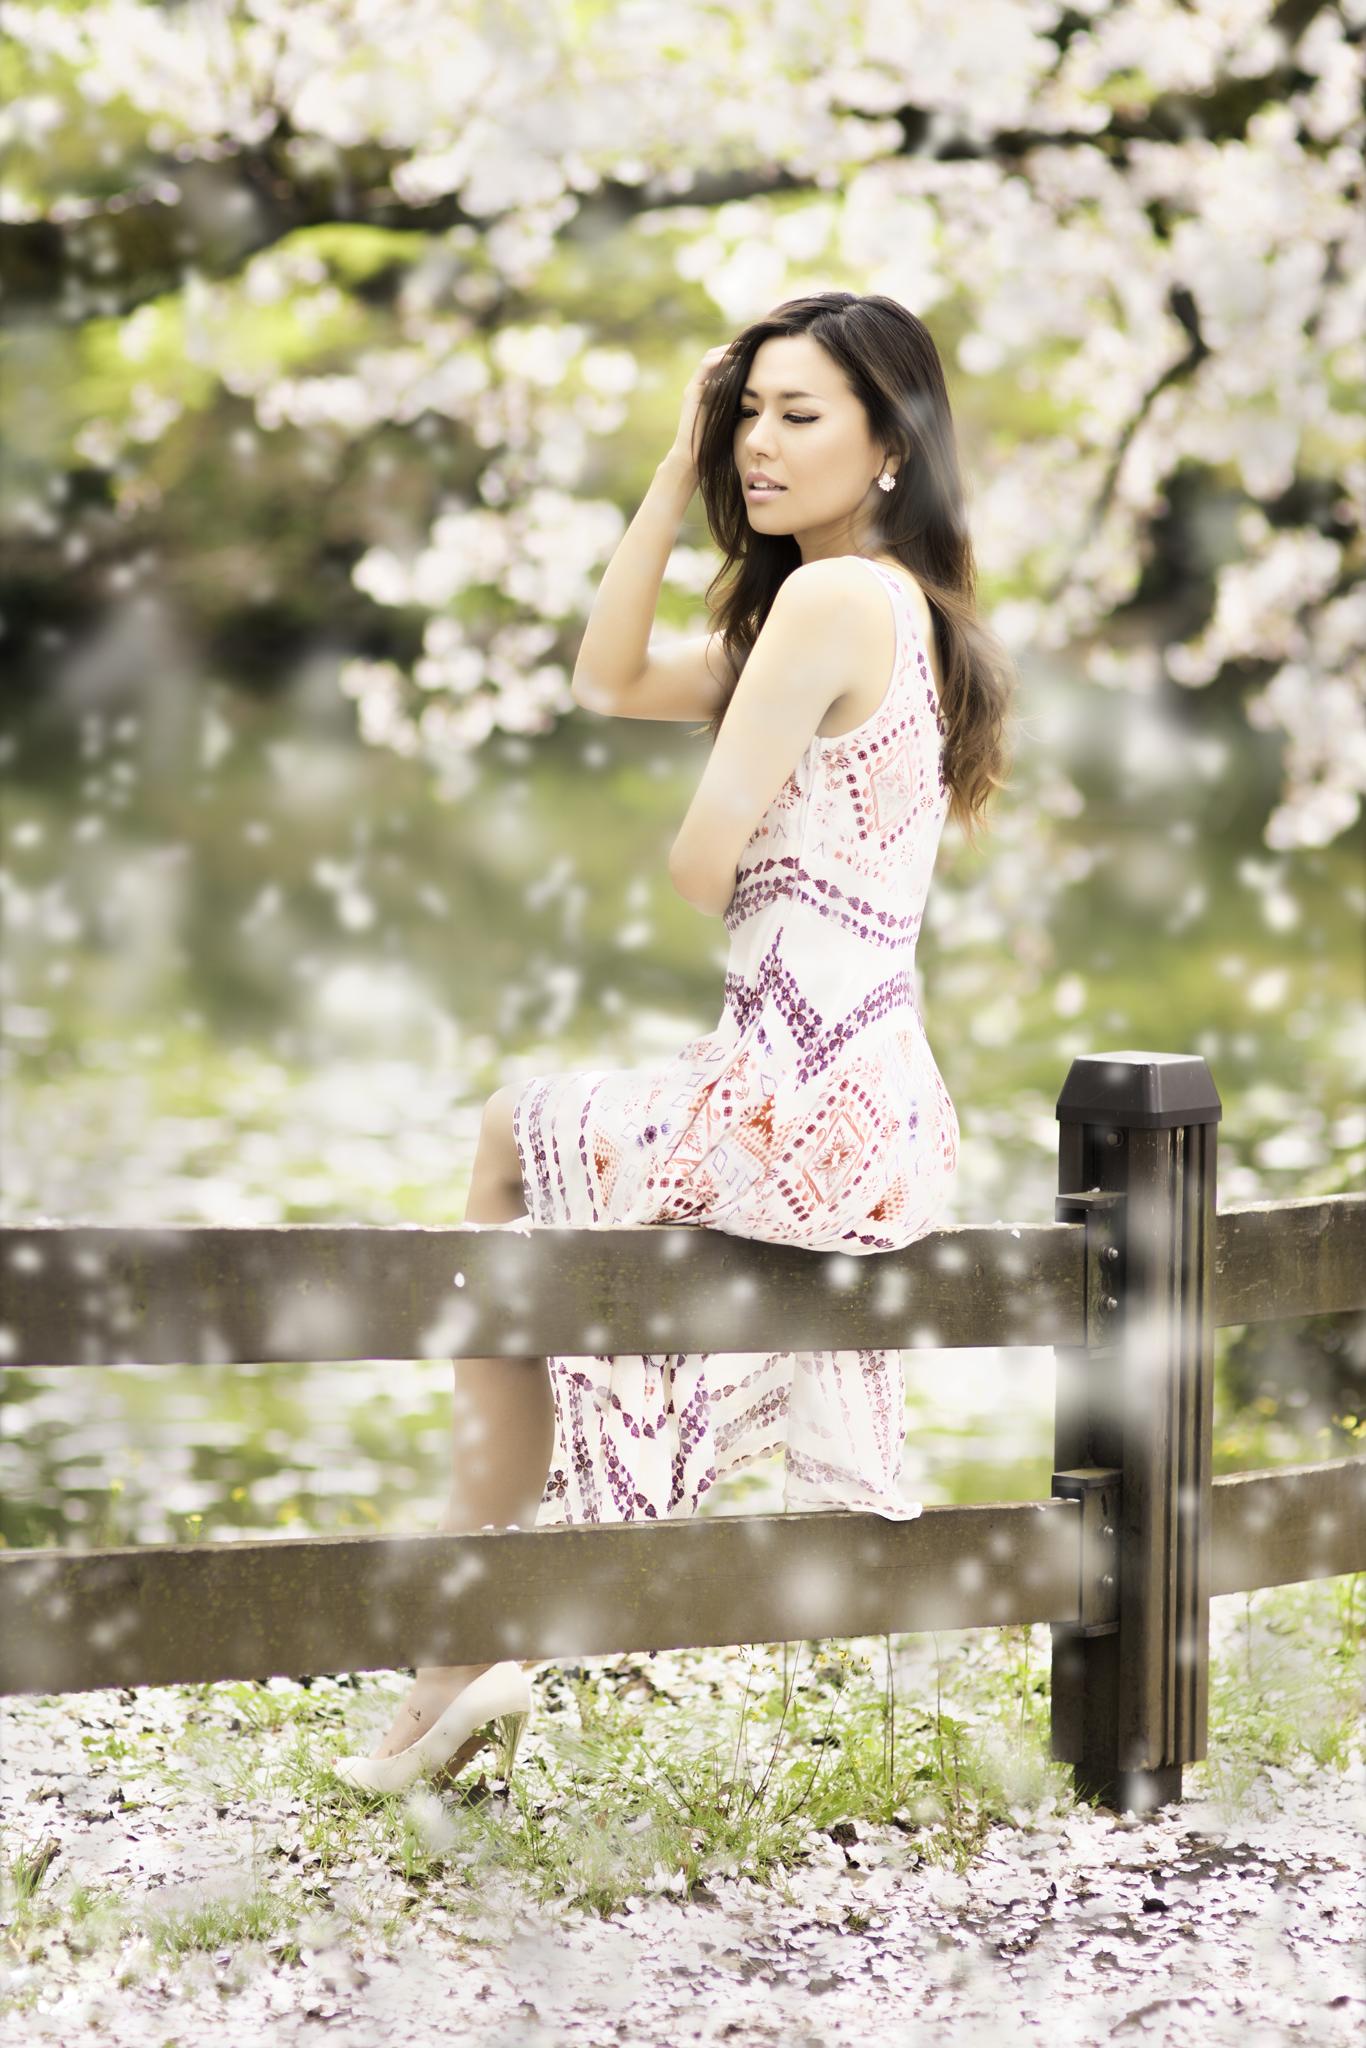 model: Yayoi Kawahara